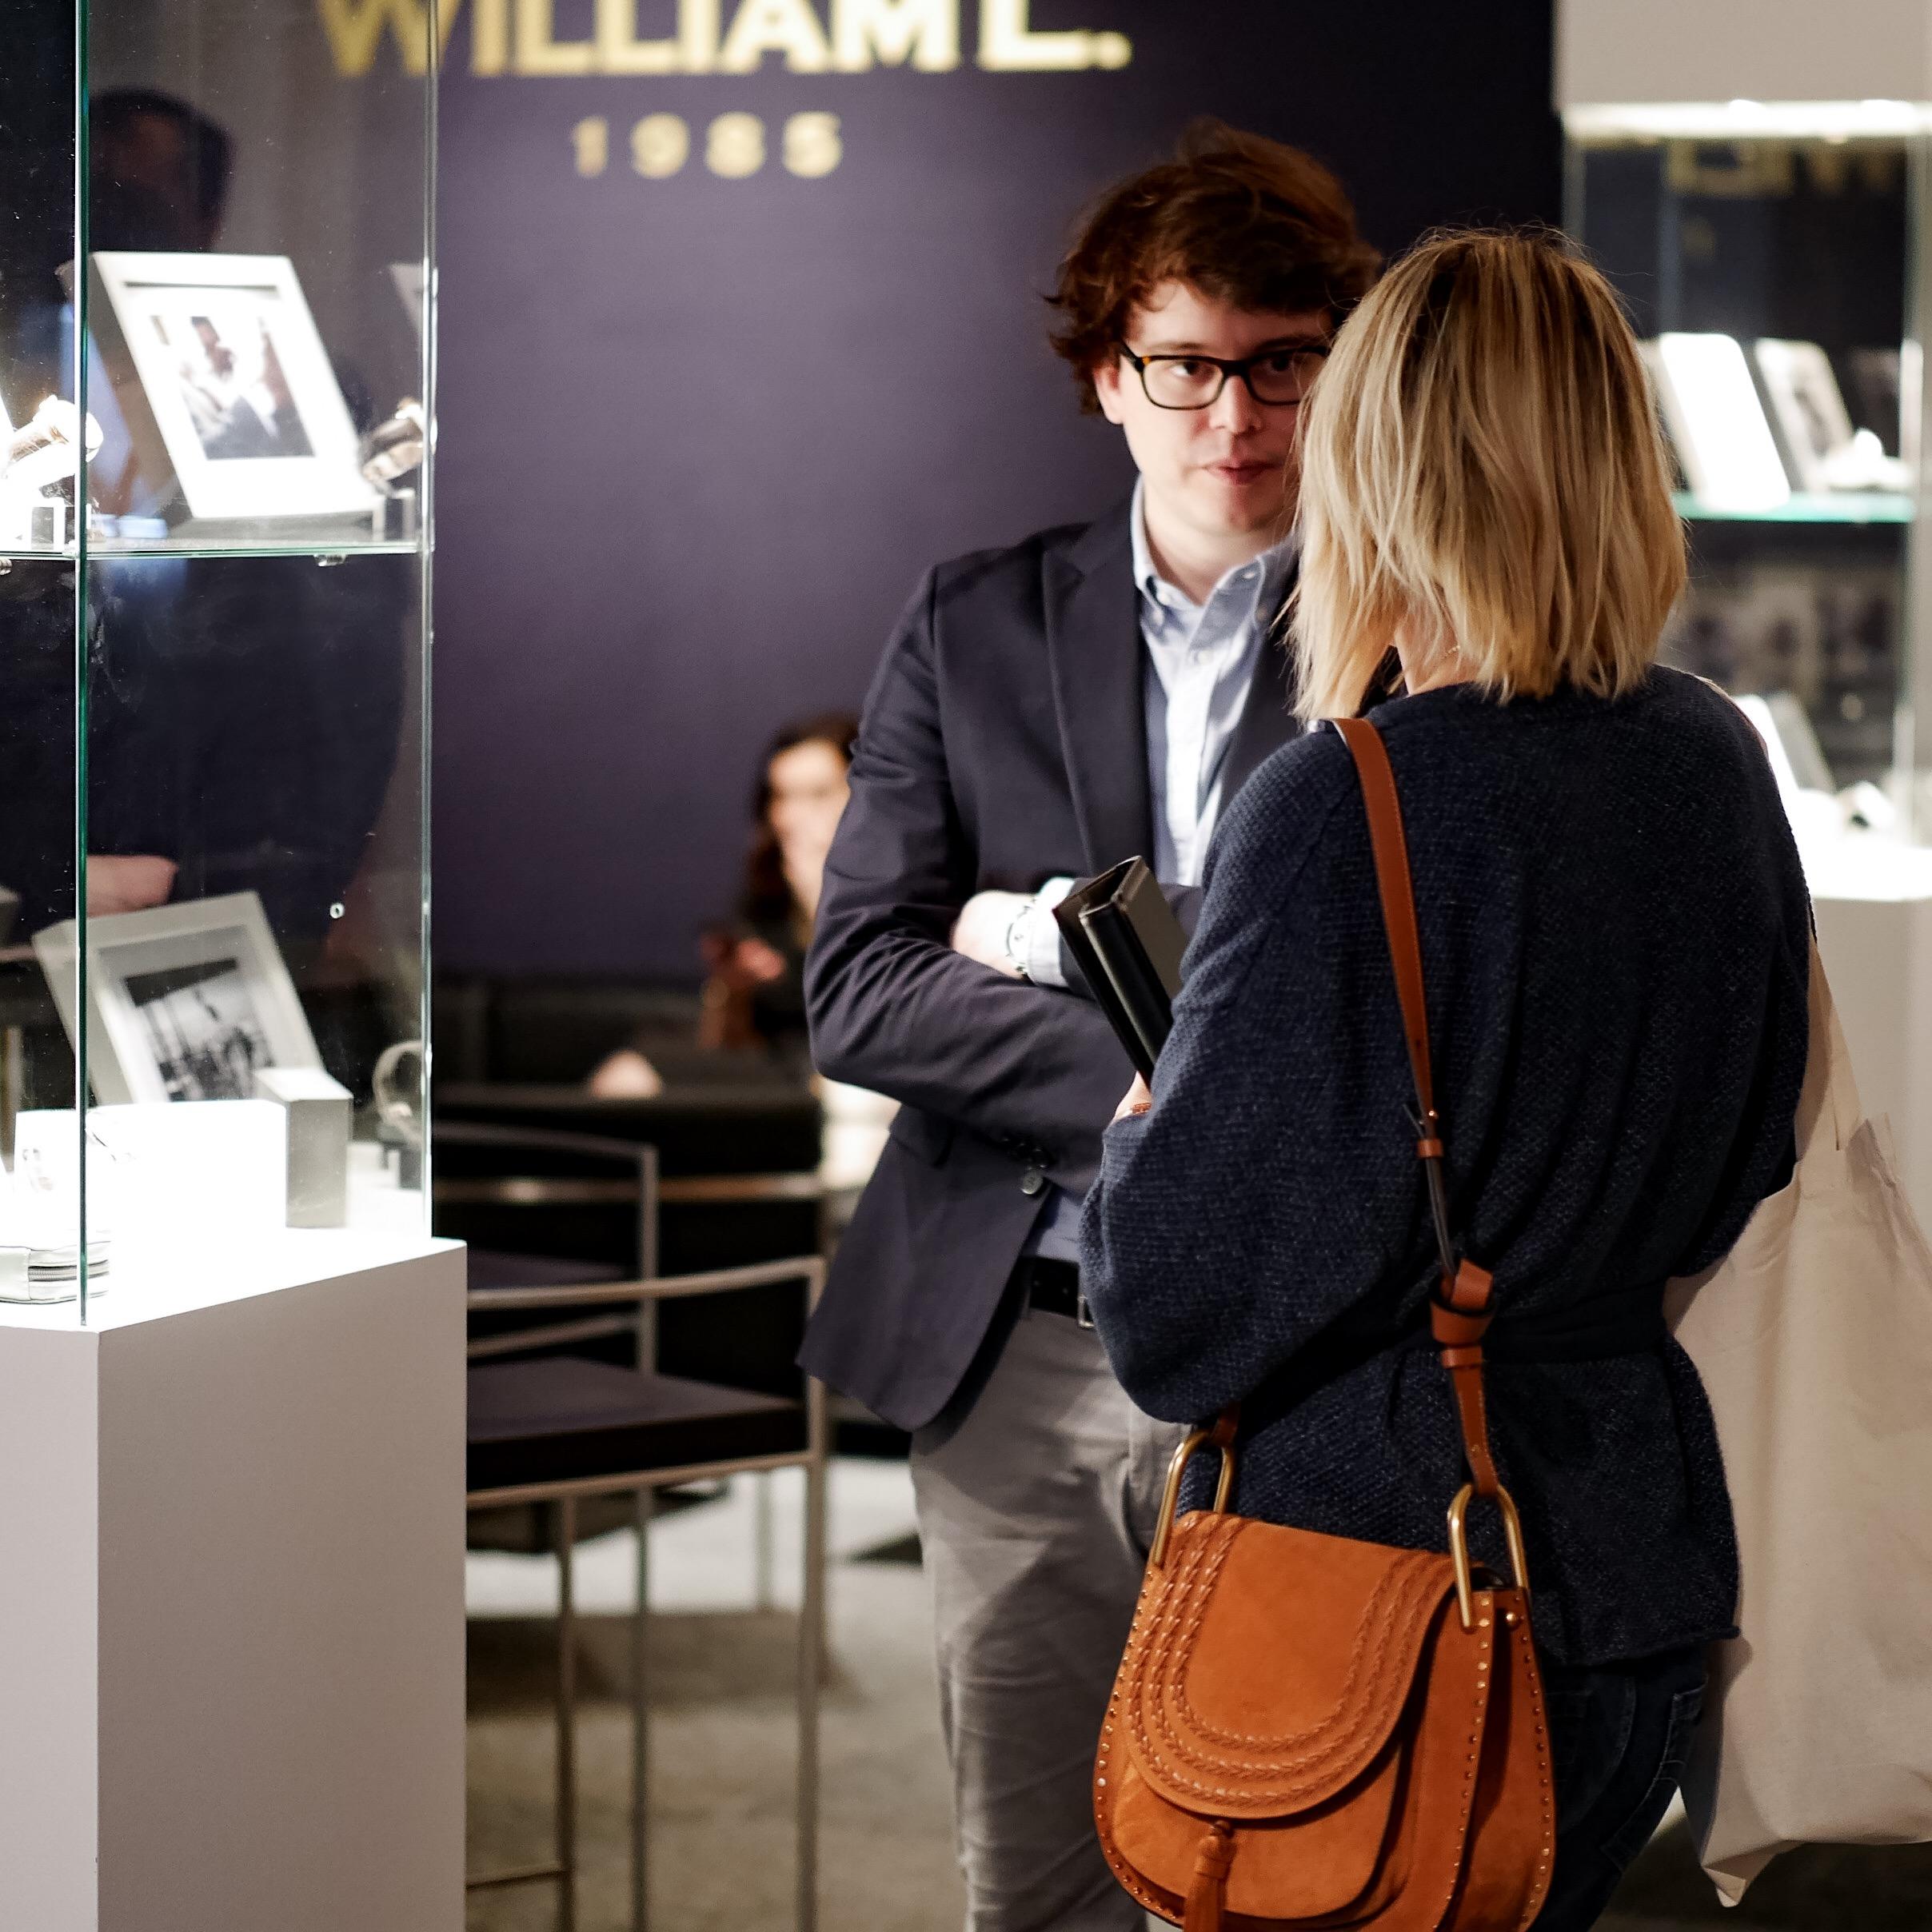 Guillaume Laidet fondateur de la marque William L.